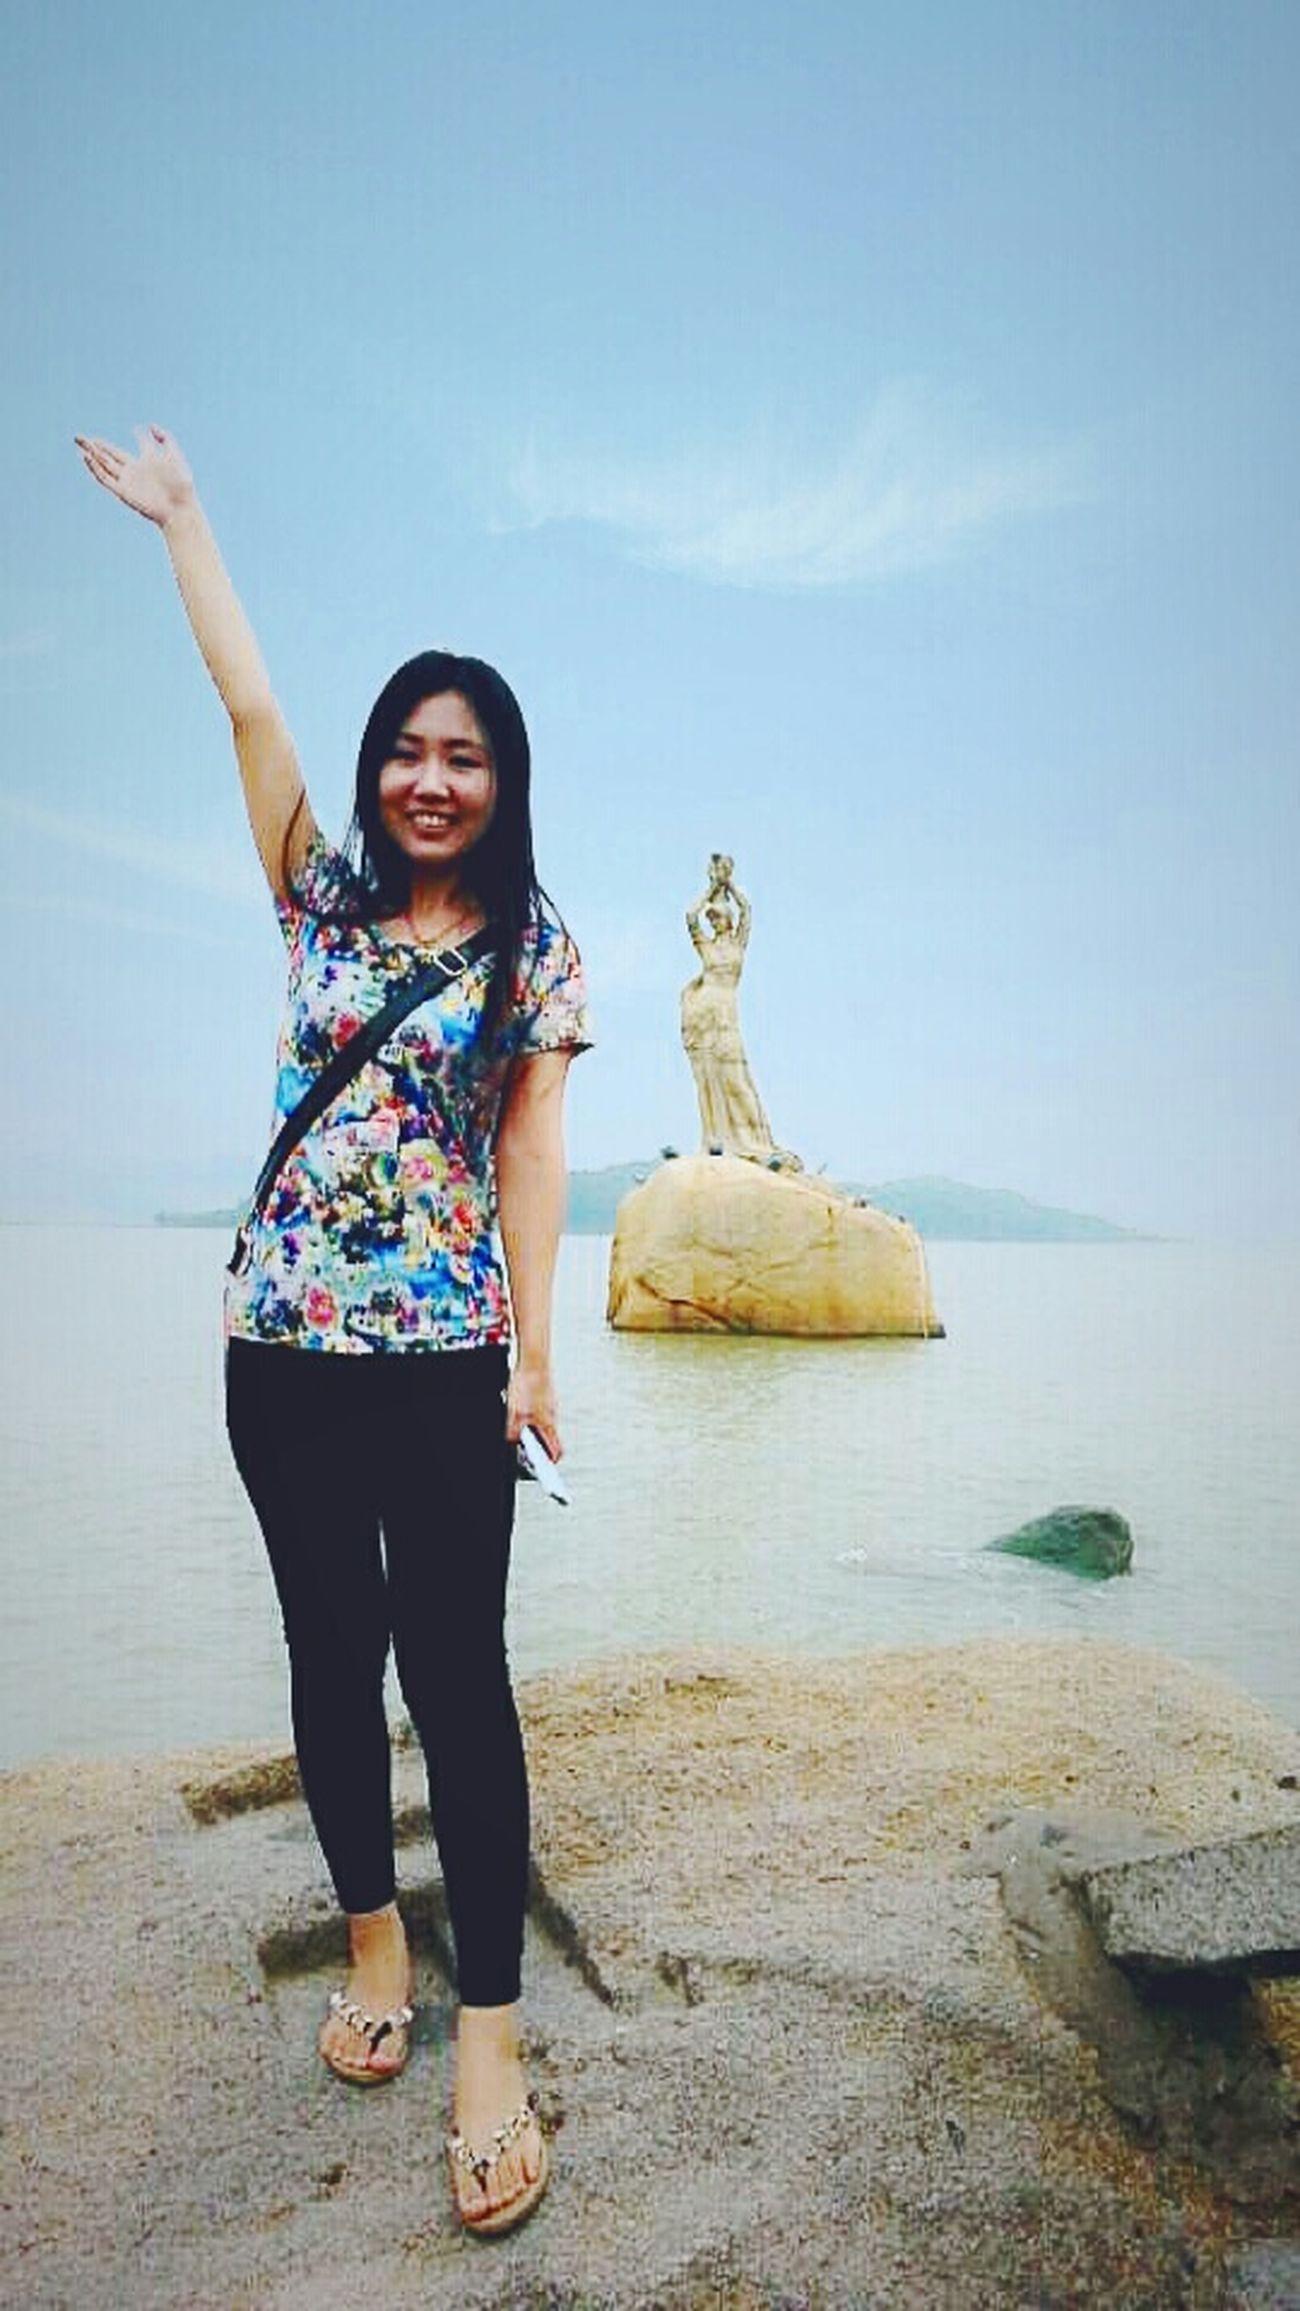 Shot in Zhuhai miss my homie Tina